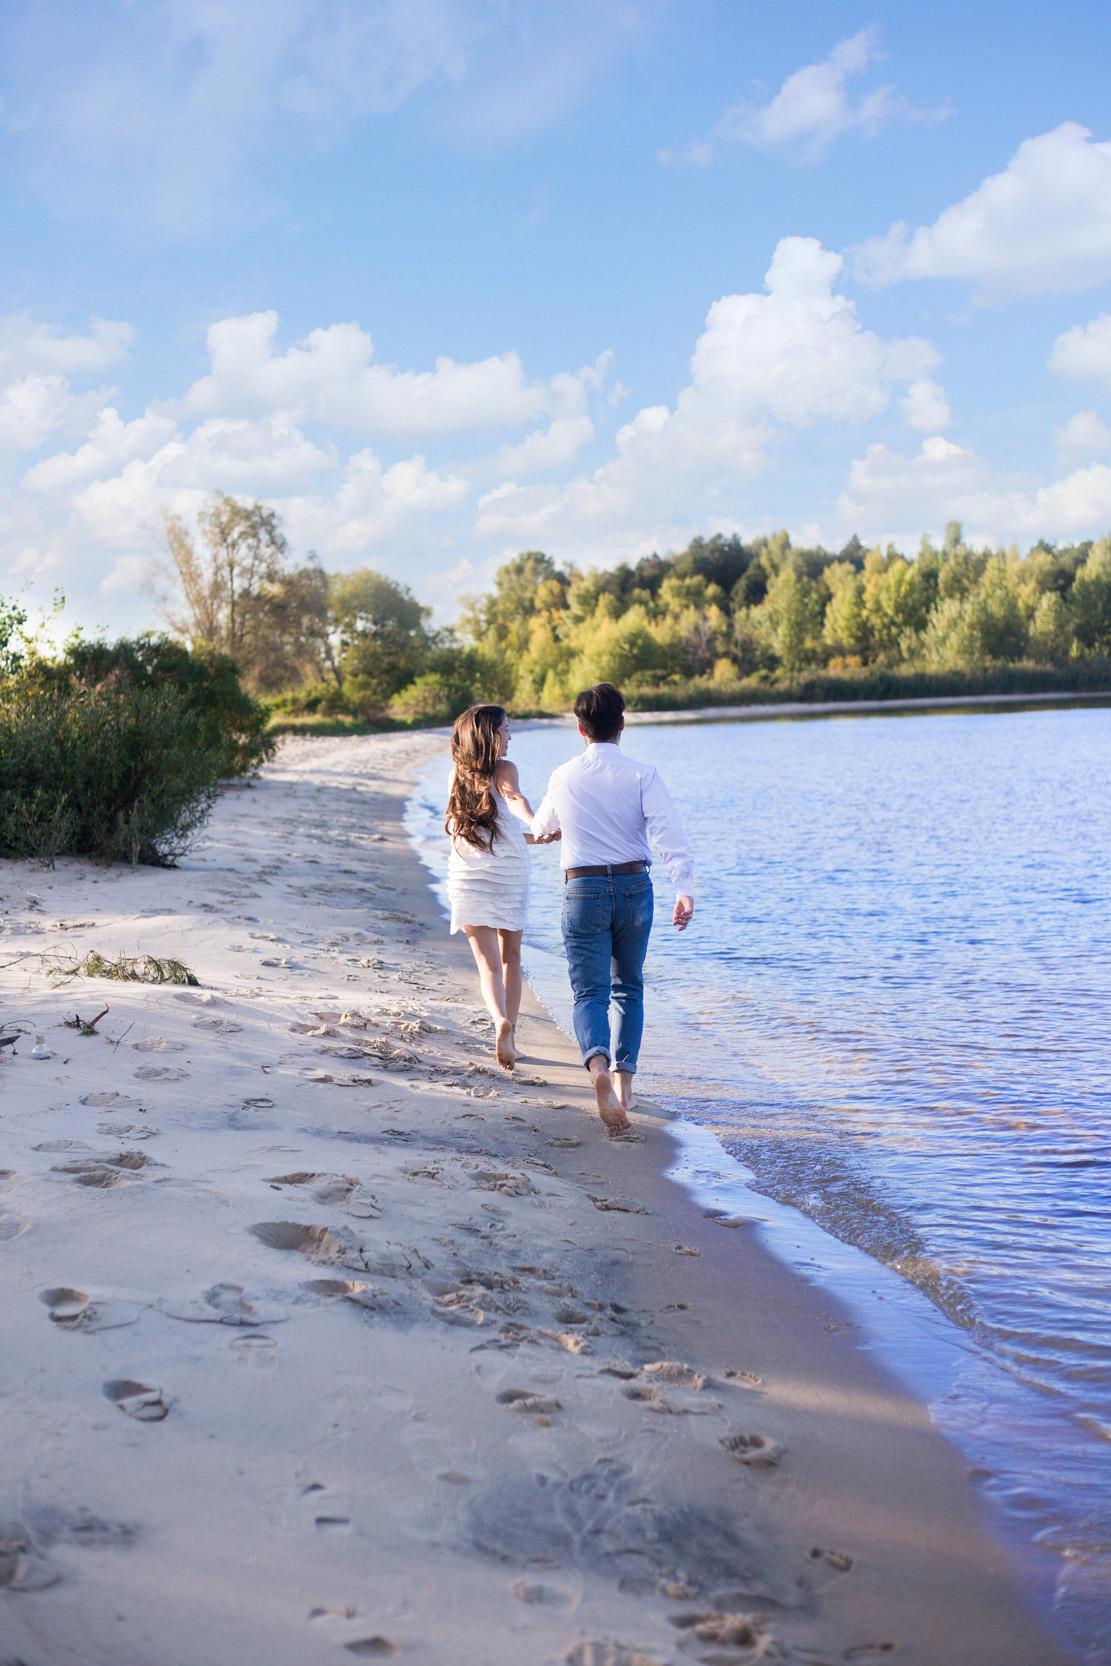 Бегут по пляжу, пара бежит по берегу моря, босеком по песку